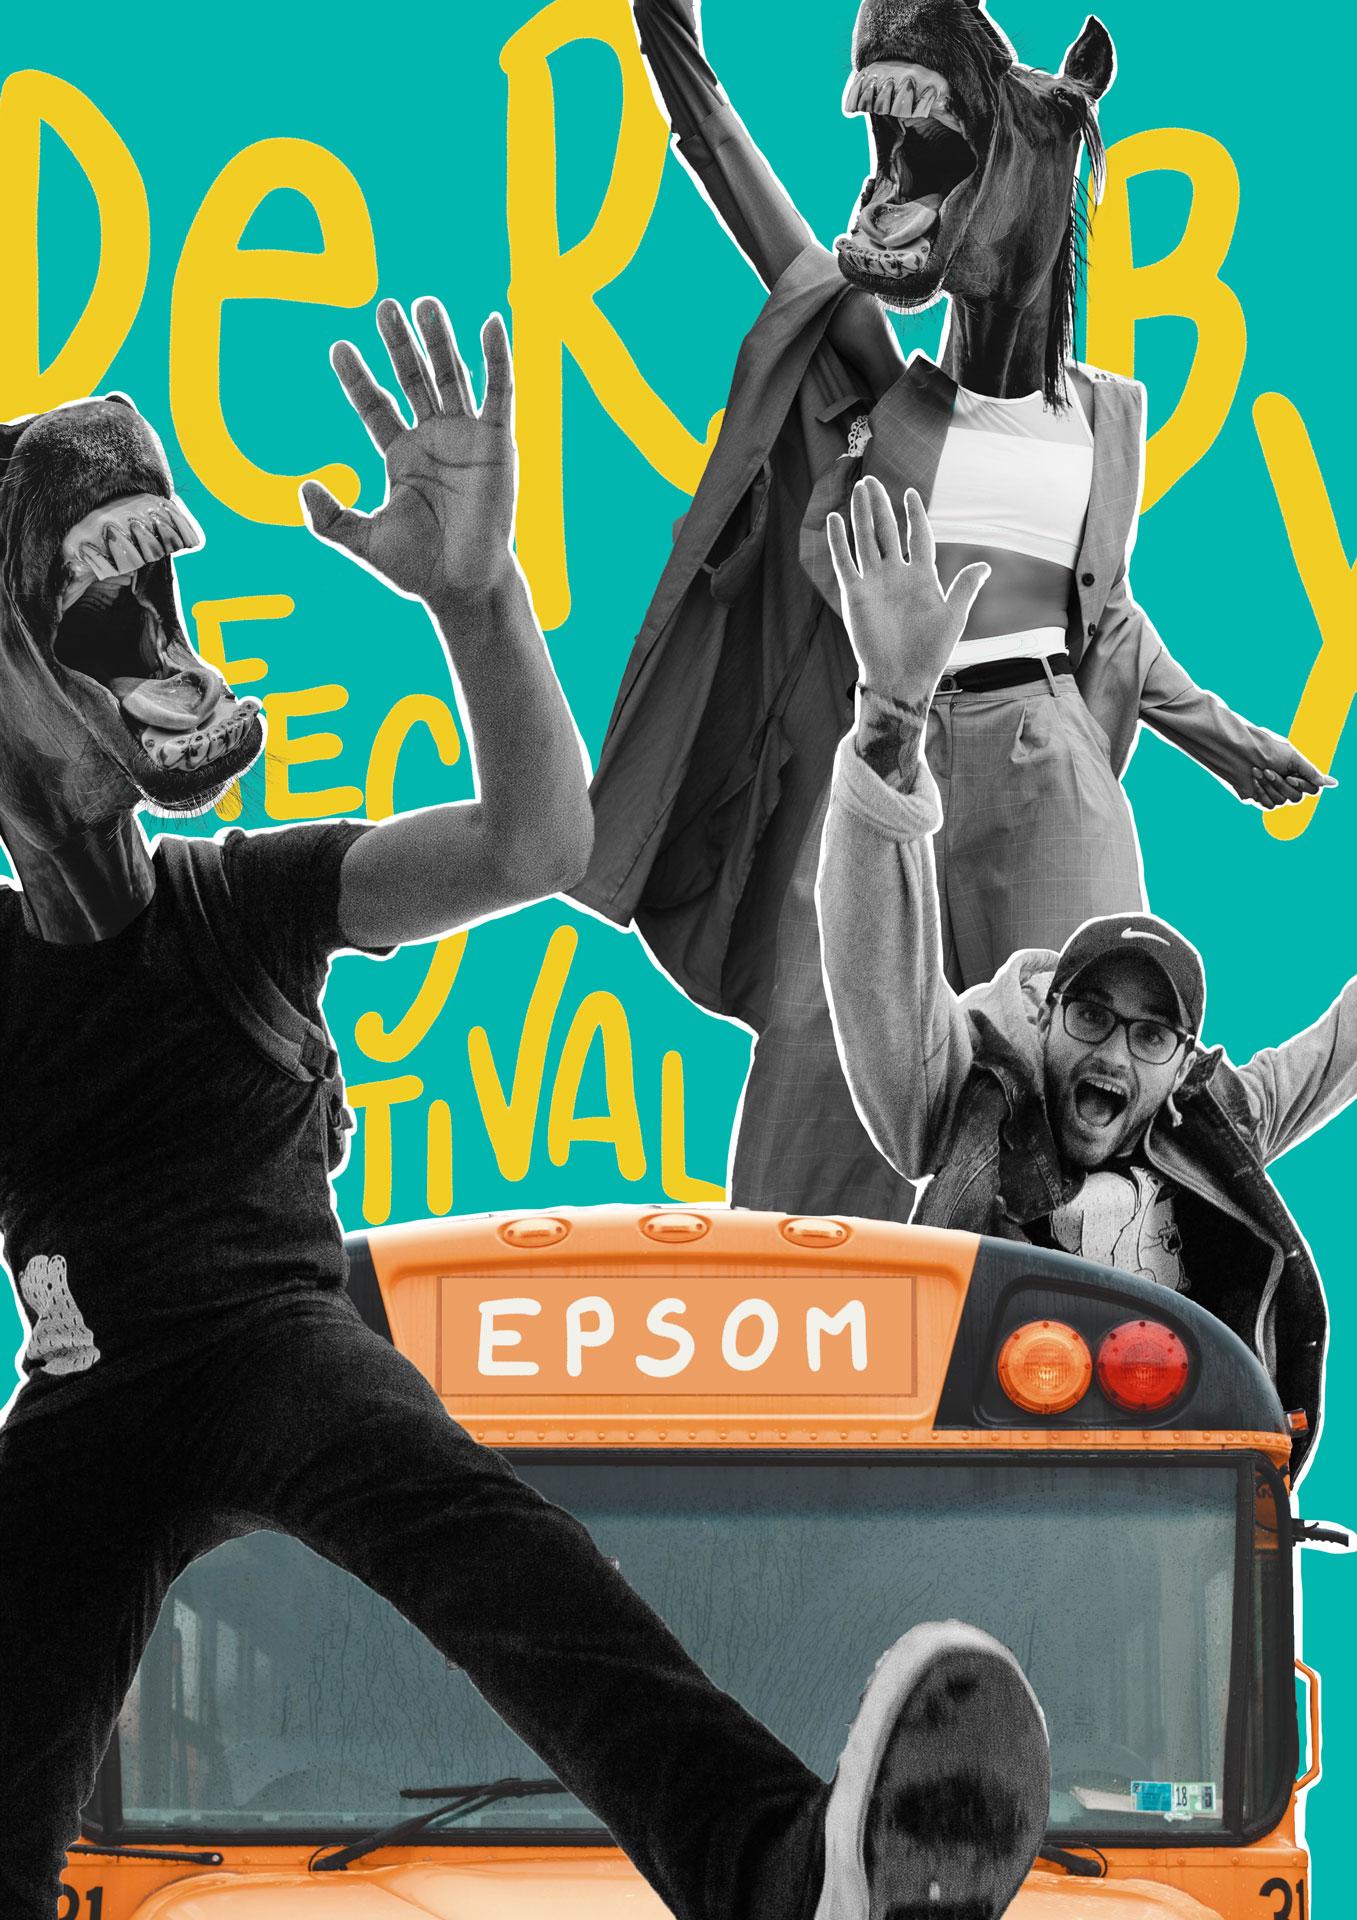 Derby Festival - Epsom 2019